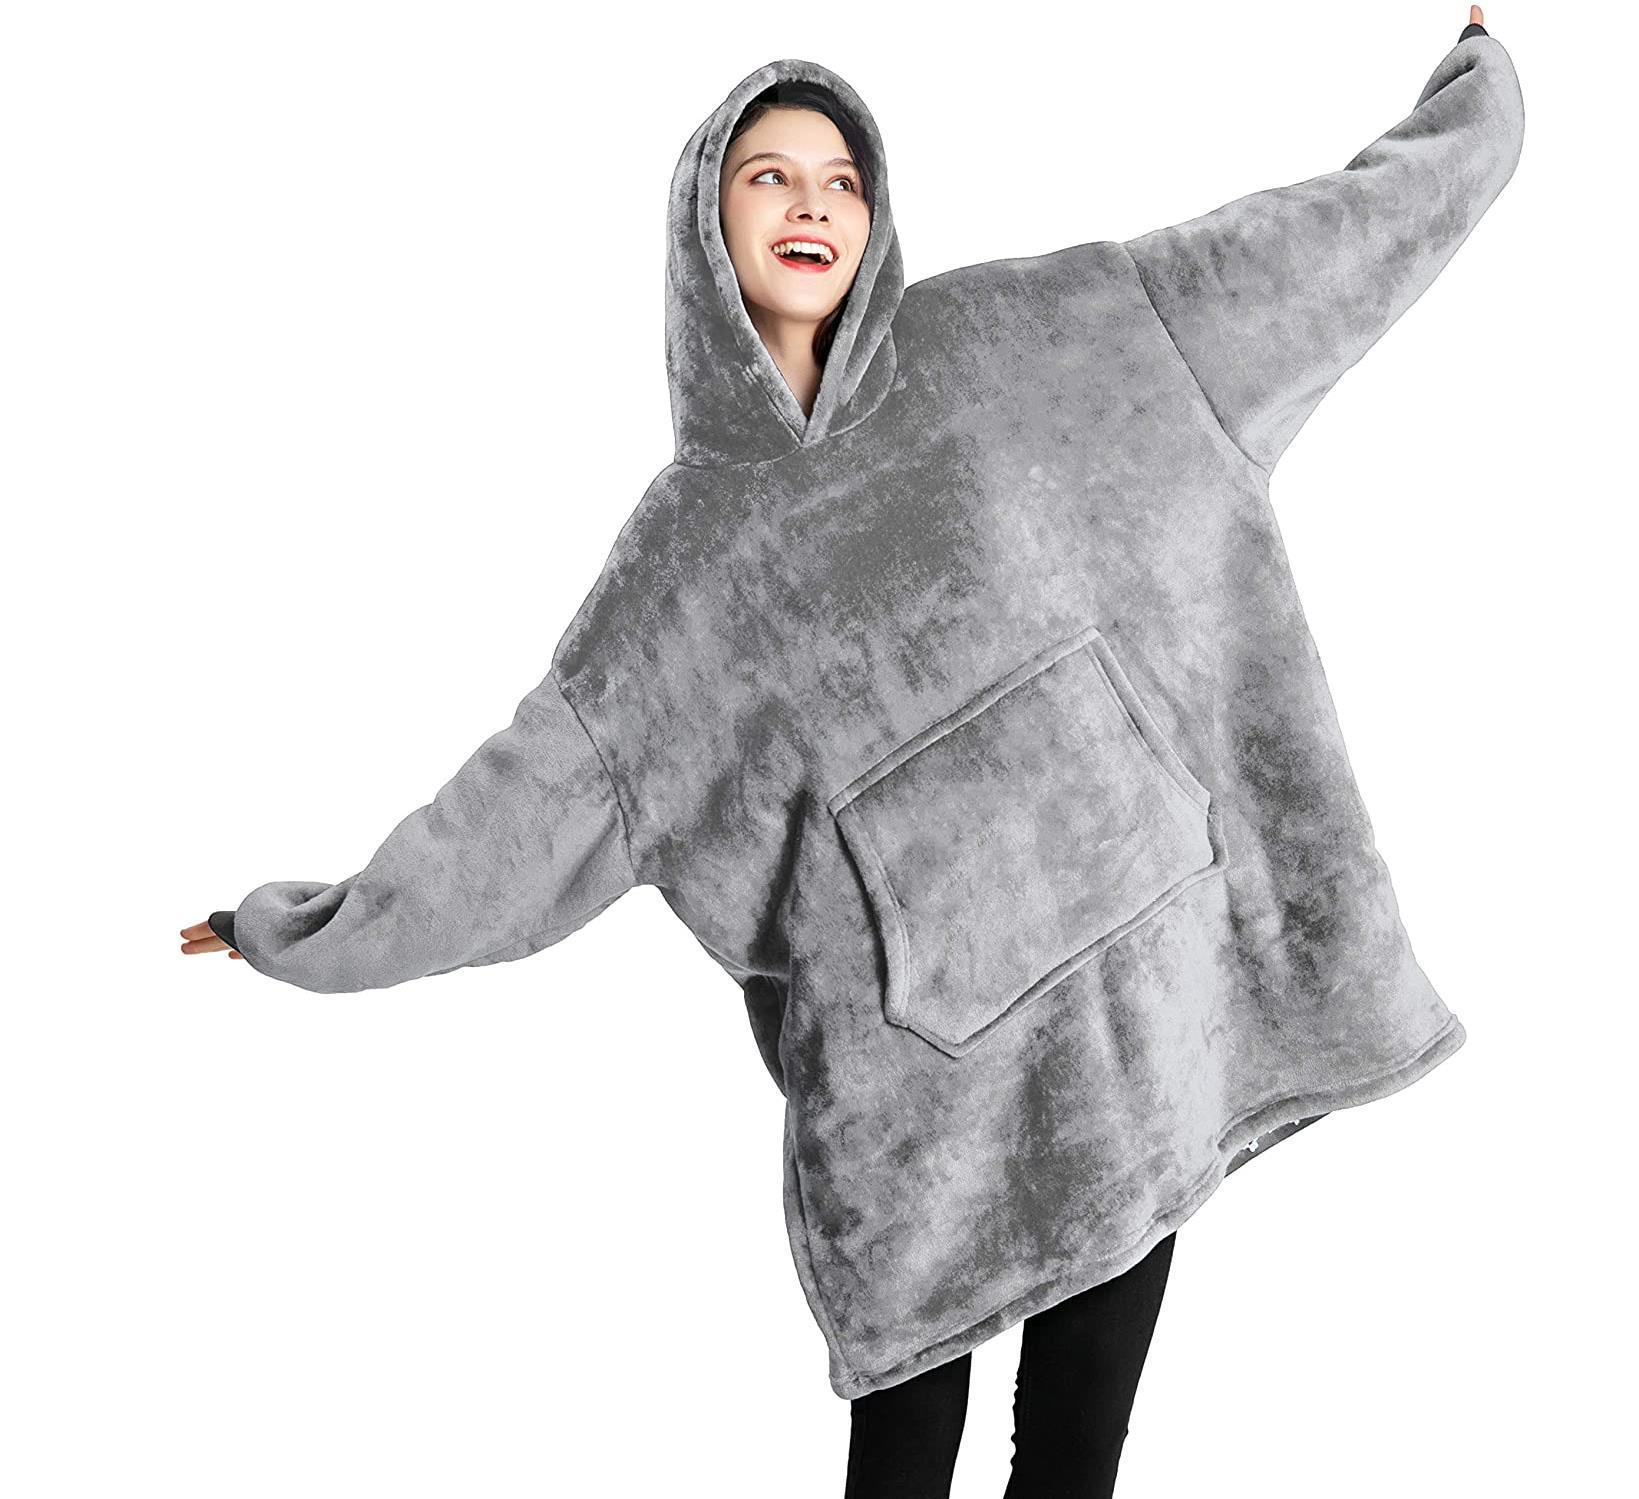 بطانية البلوز هوديي بطانية المتضخم لبس بطانية بأكمام دافئ بطانية الشتاء للنساء الرجال حجم واحد يناسب الجميع